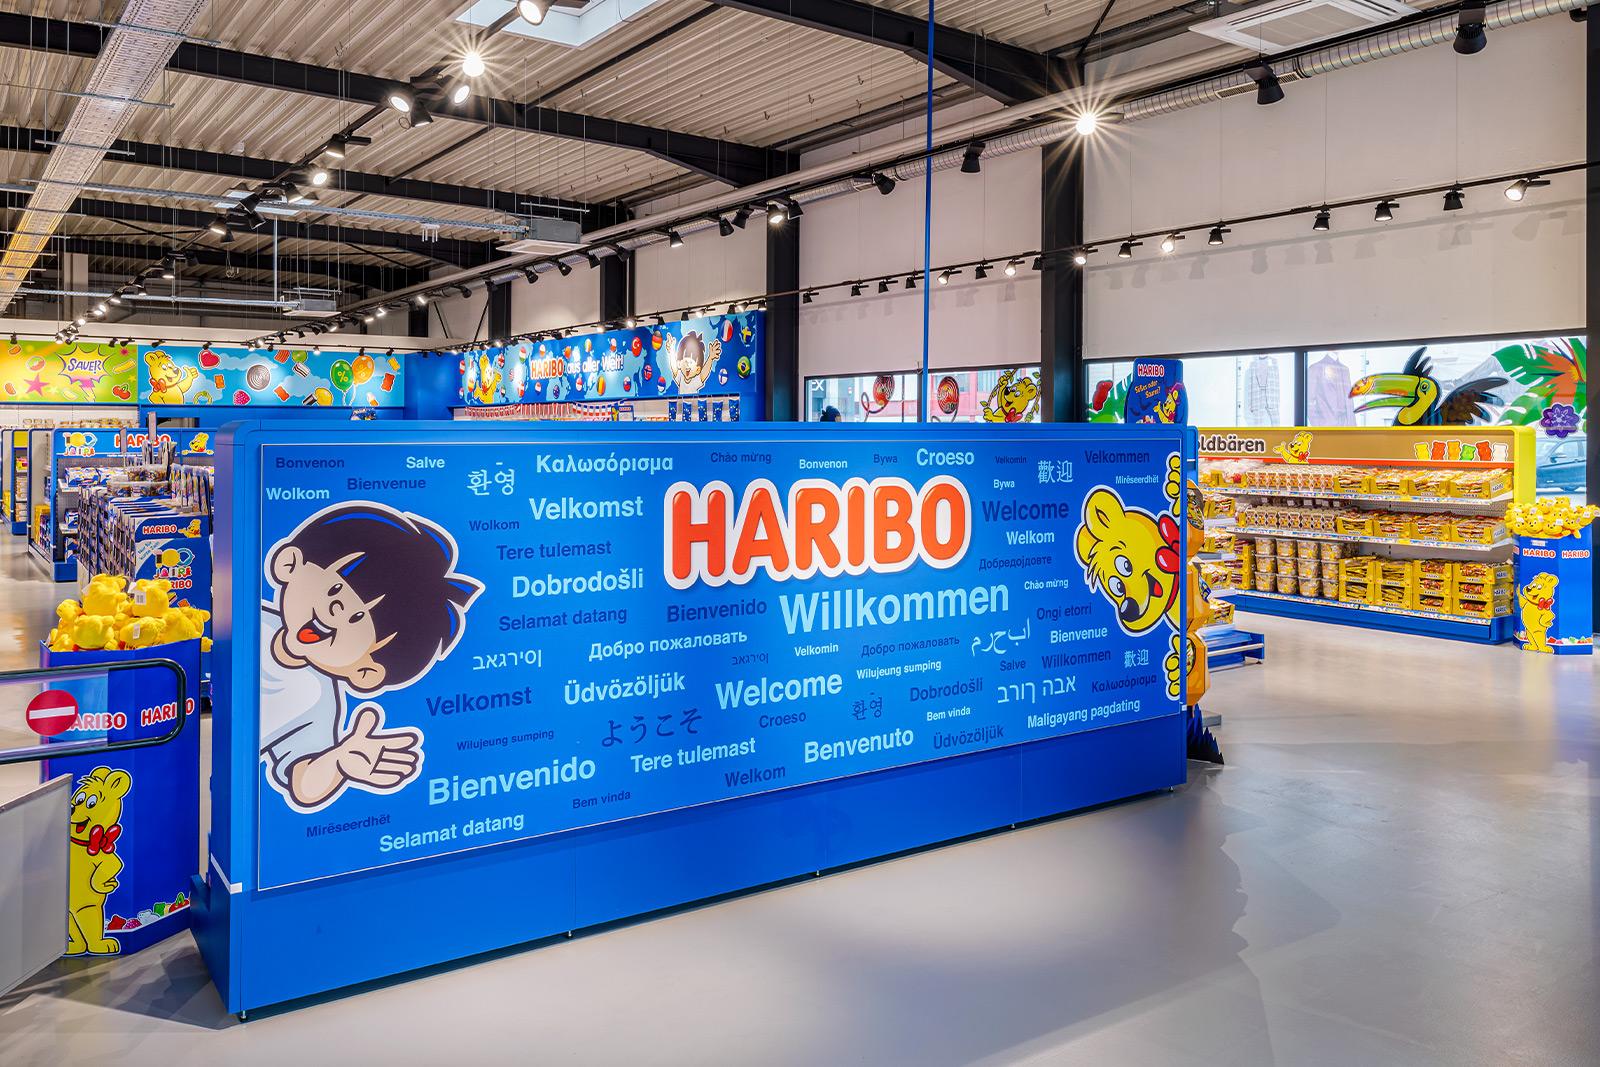 HARIBO am POS -- Zeissig Ladenbau, Retail, Shop-in-Shop, stationäre Markenwelten